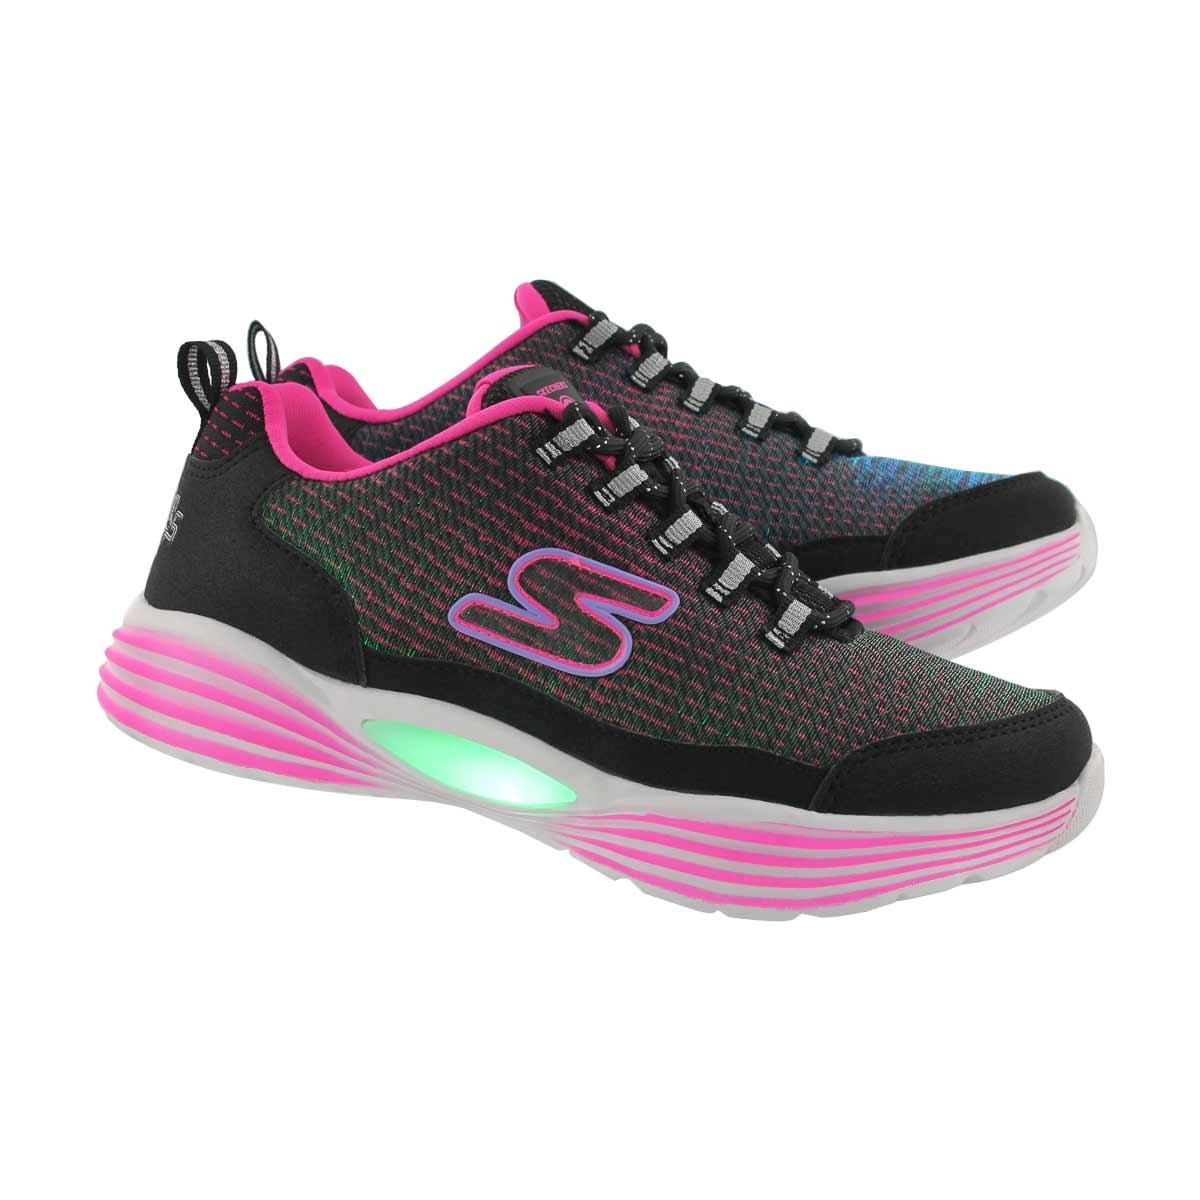 Grls TBA blk/pnk light up sneaker